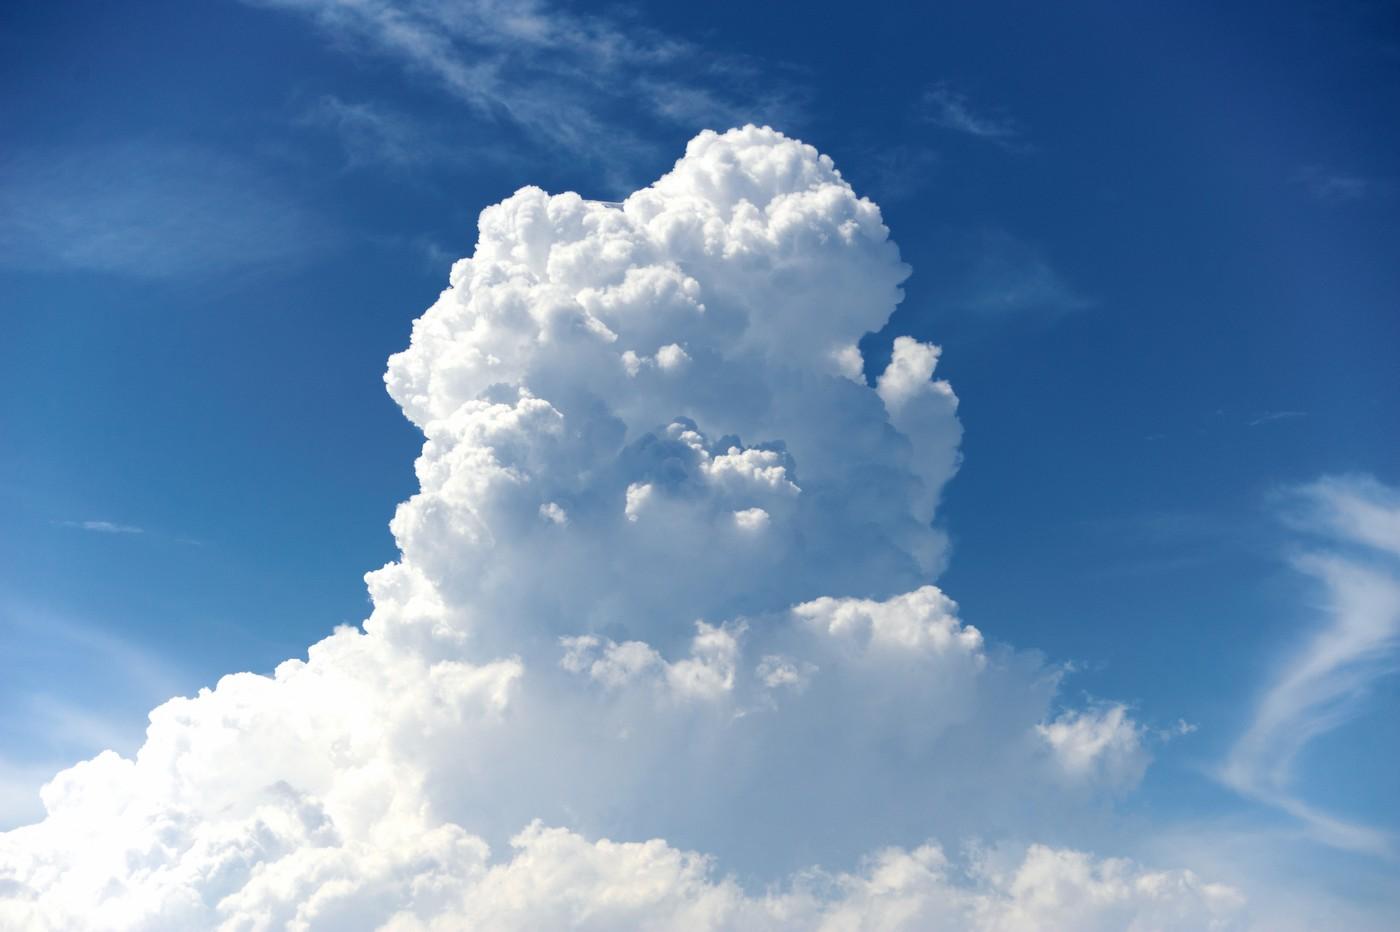 入道雲 : 気ままに写真を : 2014年11月のカレンダー : カレンダー